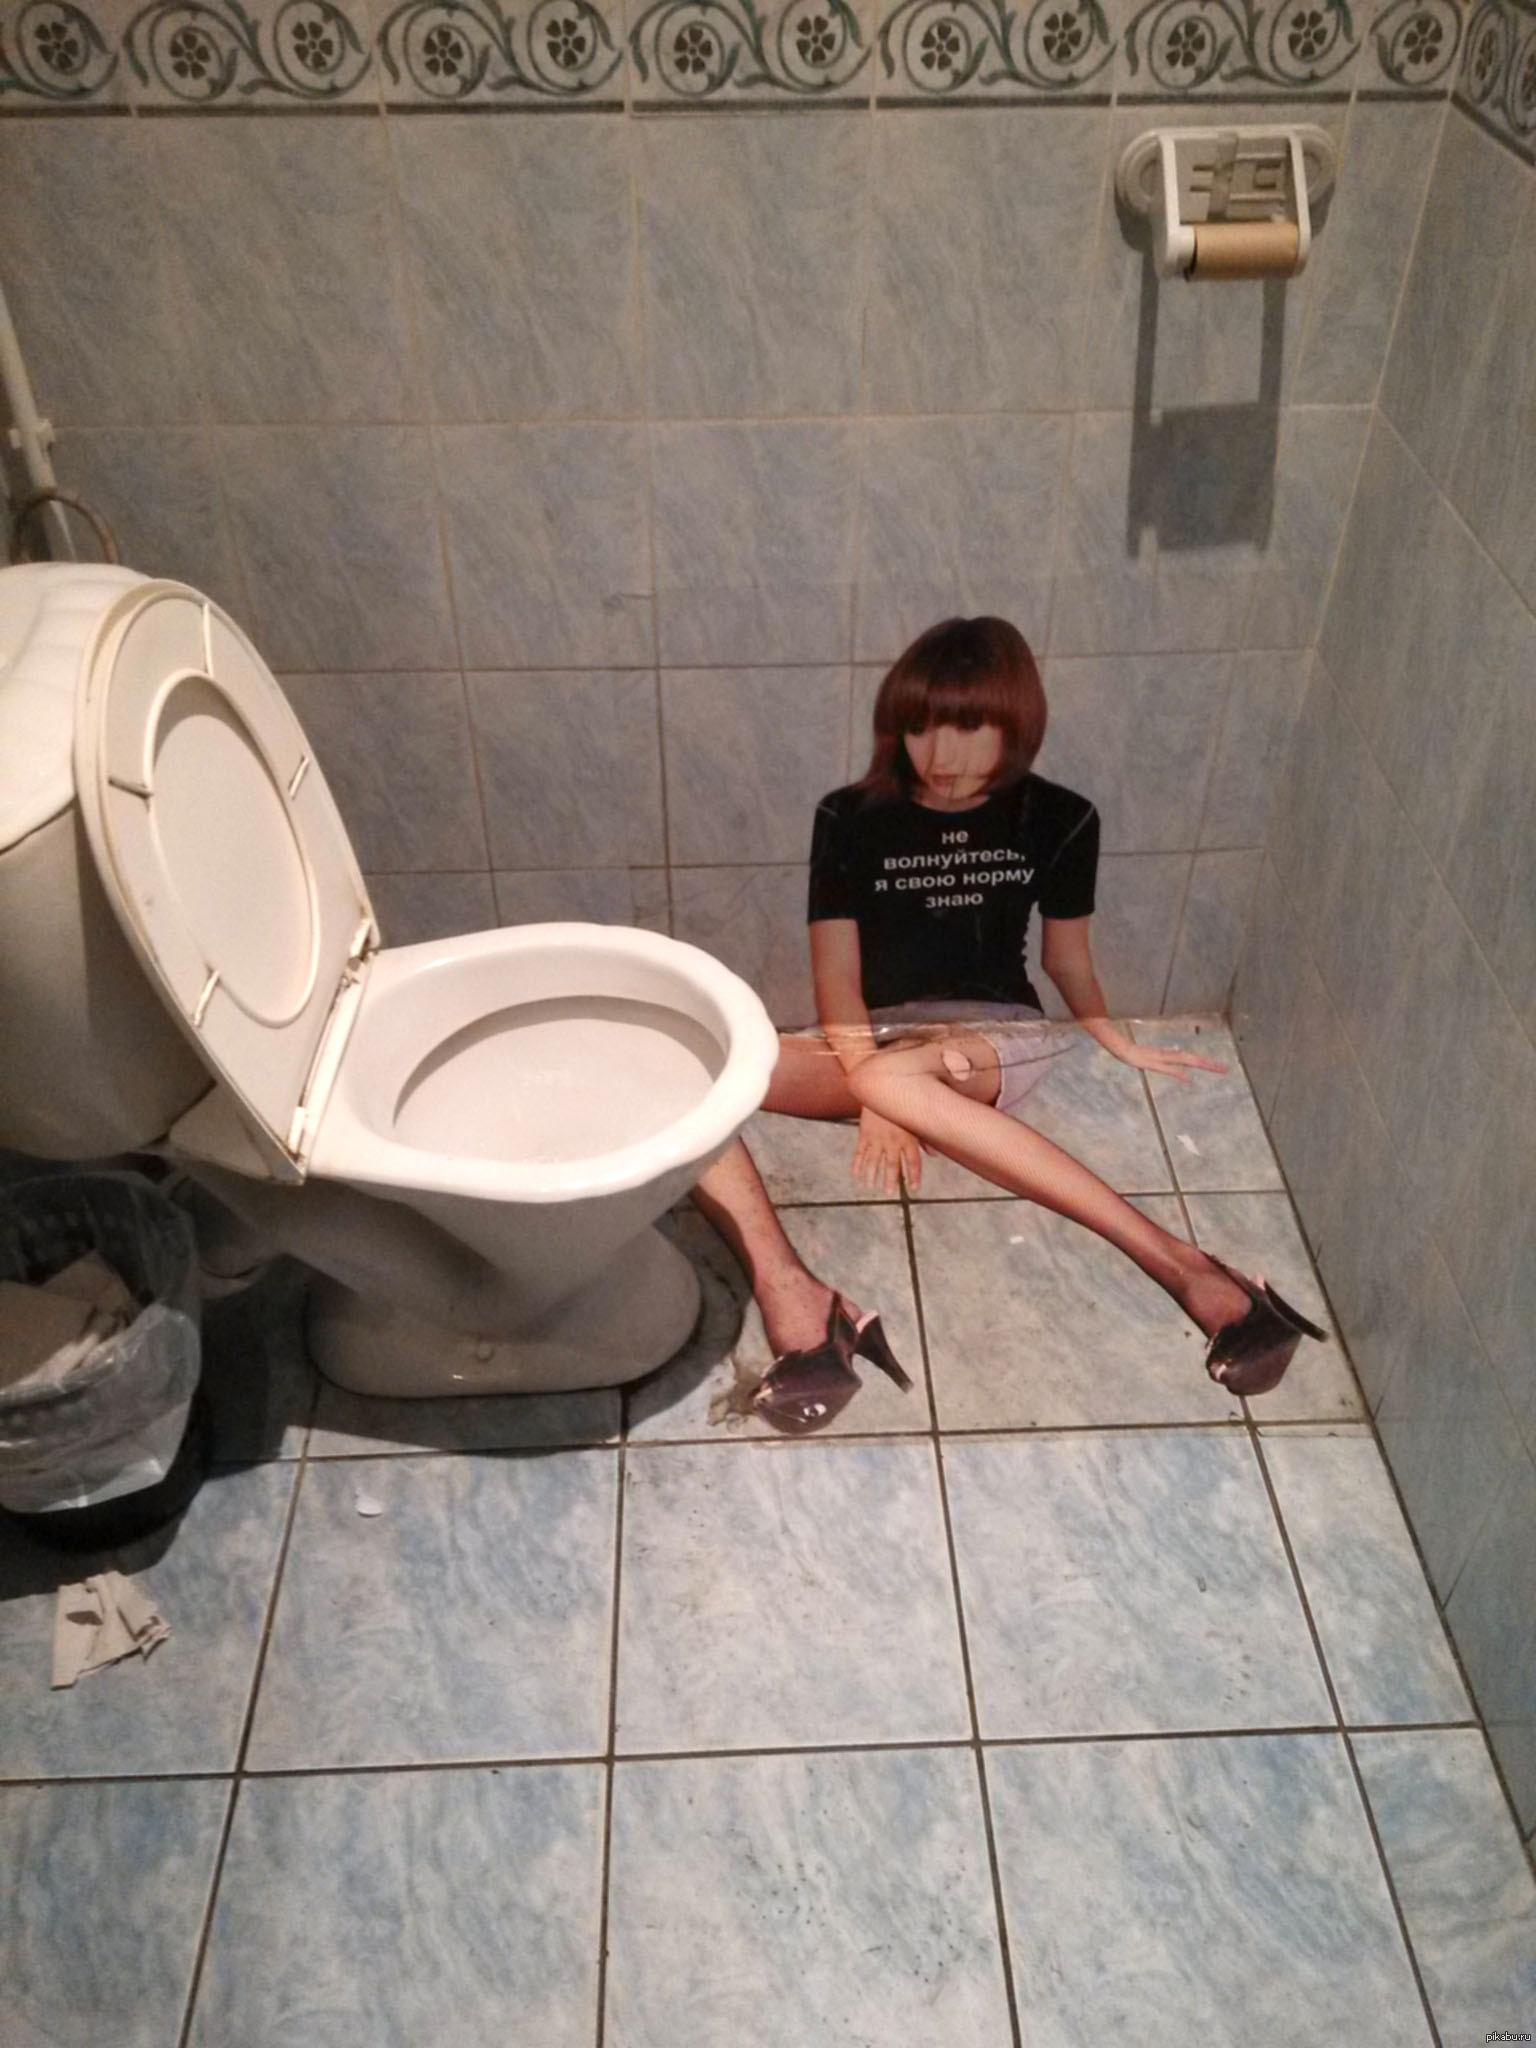 посмотрим, в девчачьем туалете ещё место дату